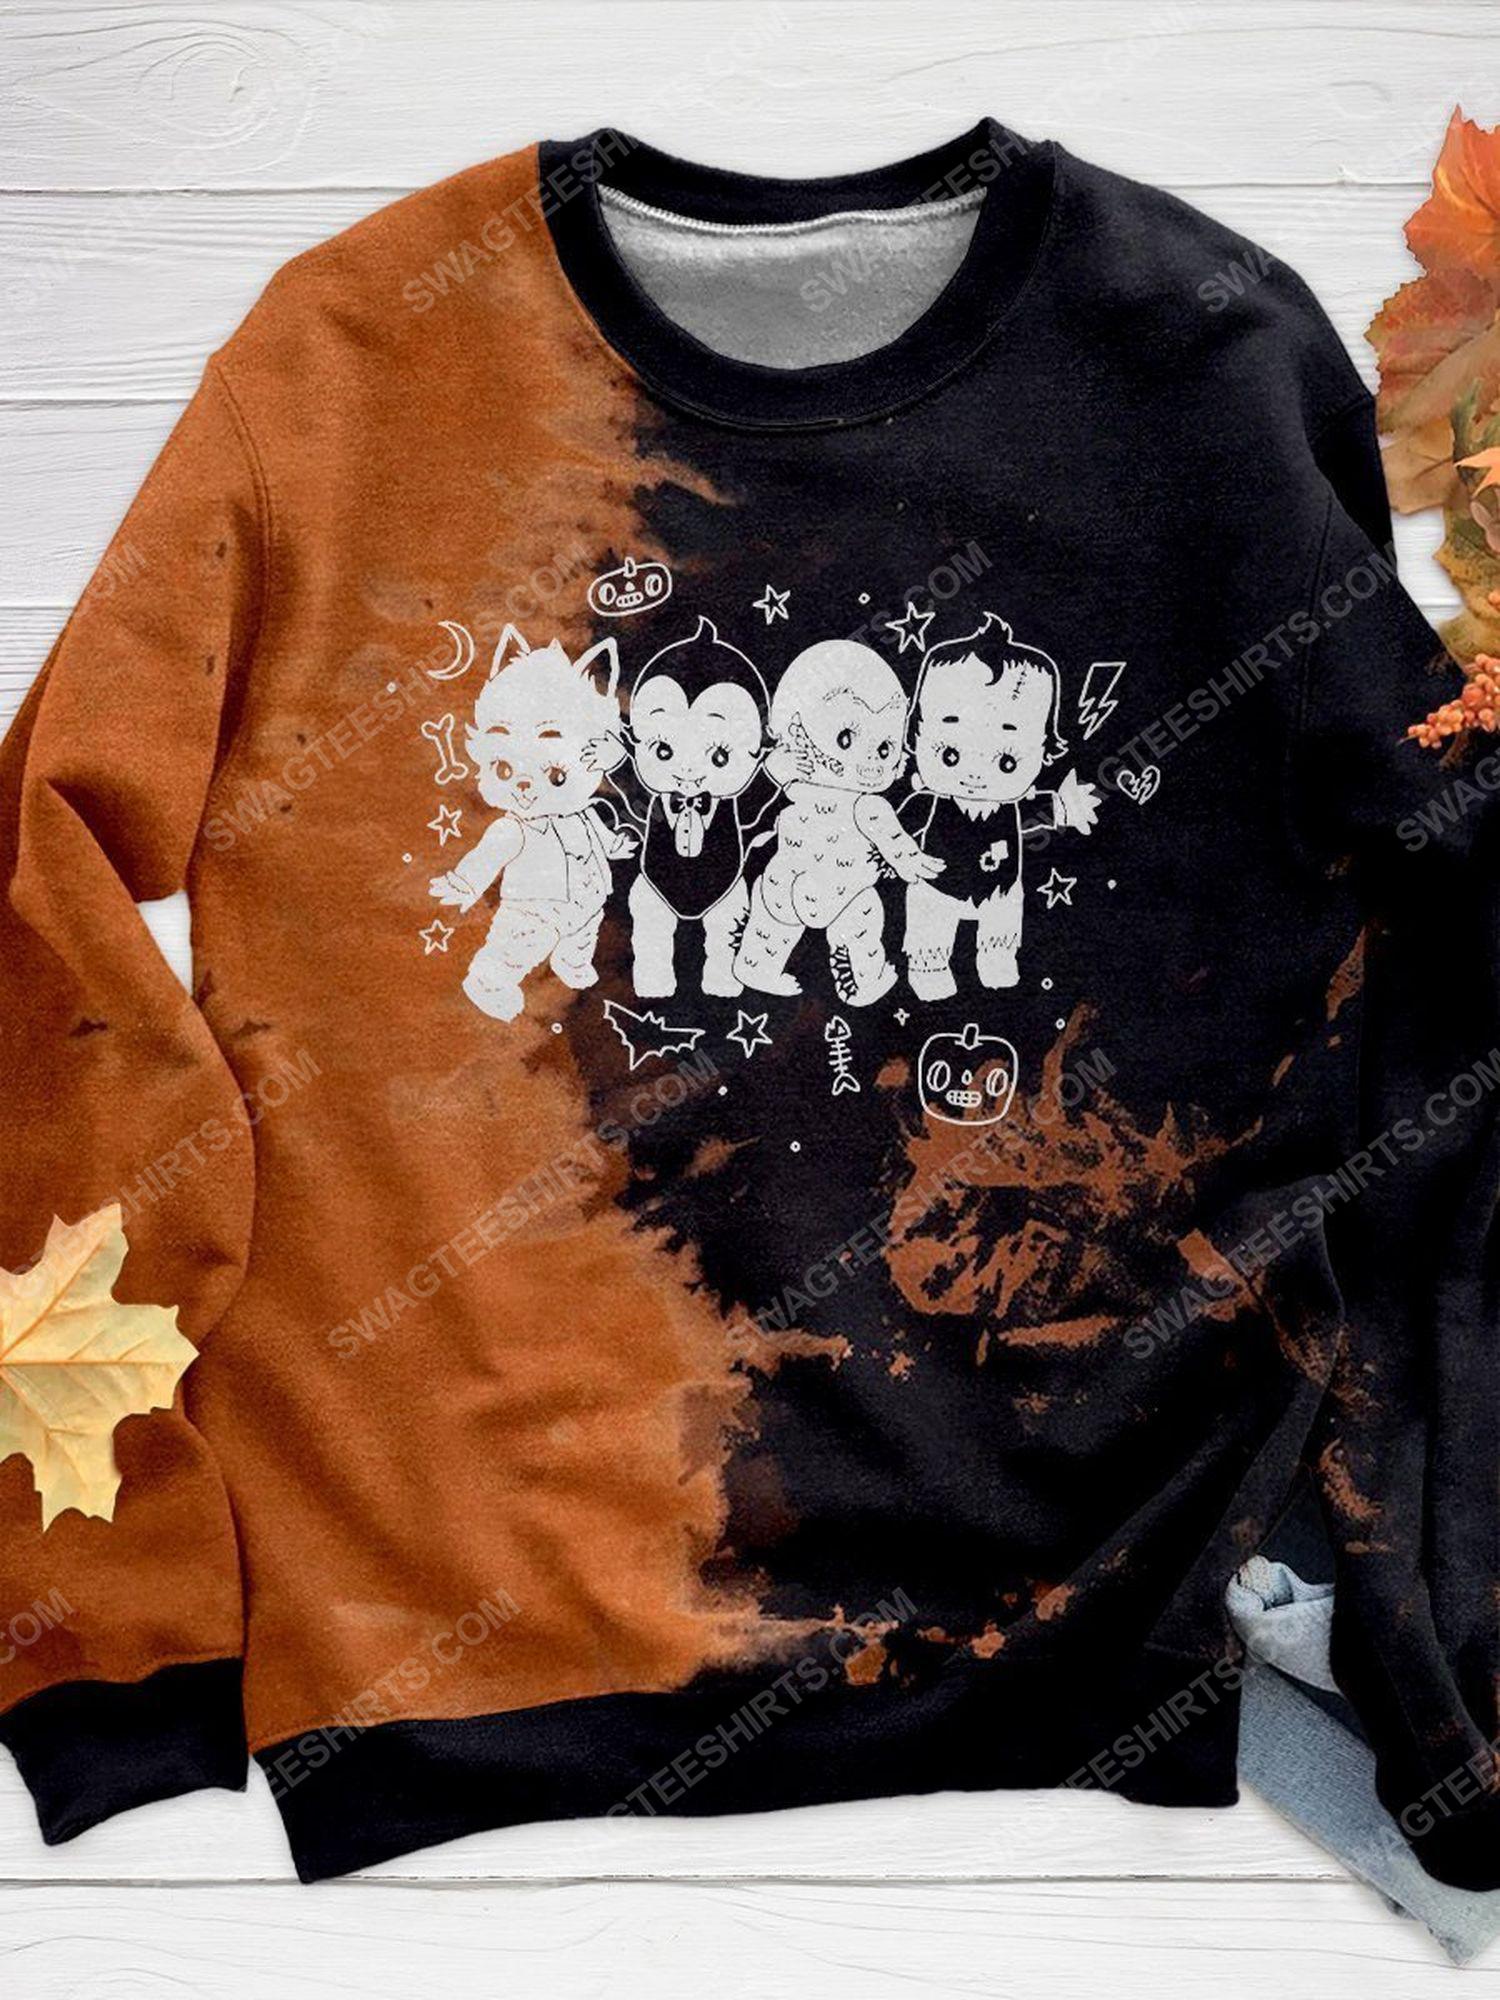 Halloween night and monster costume kewpie full print shirt 1